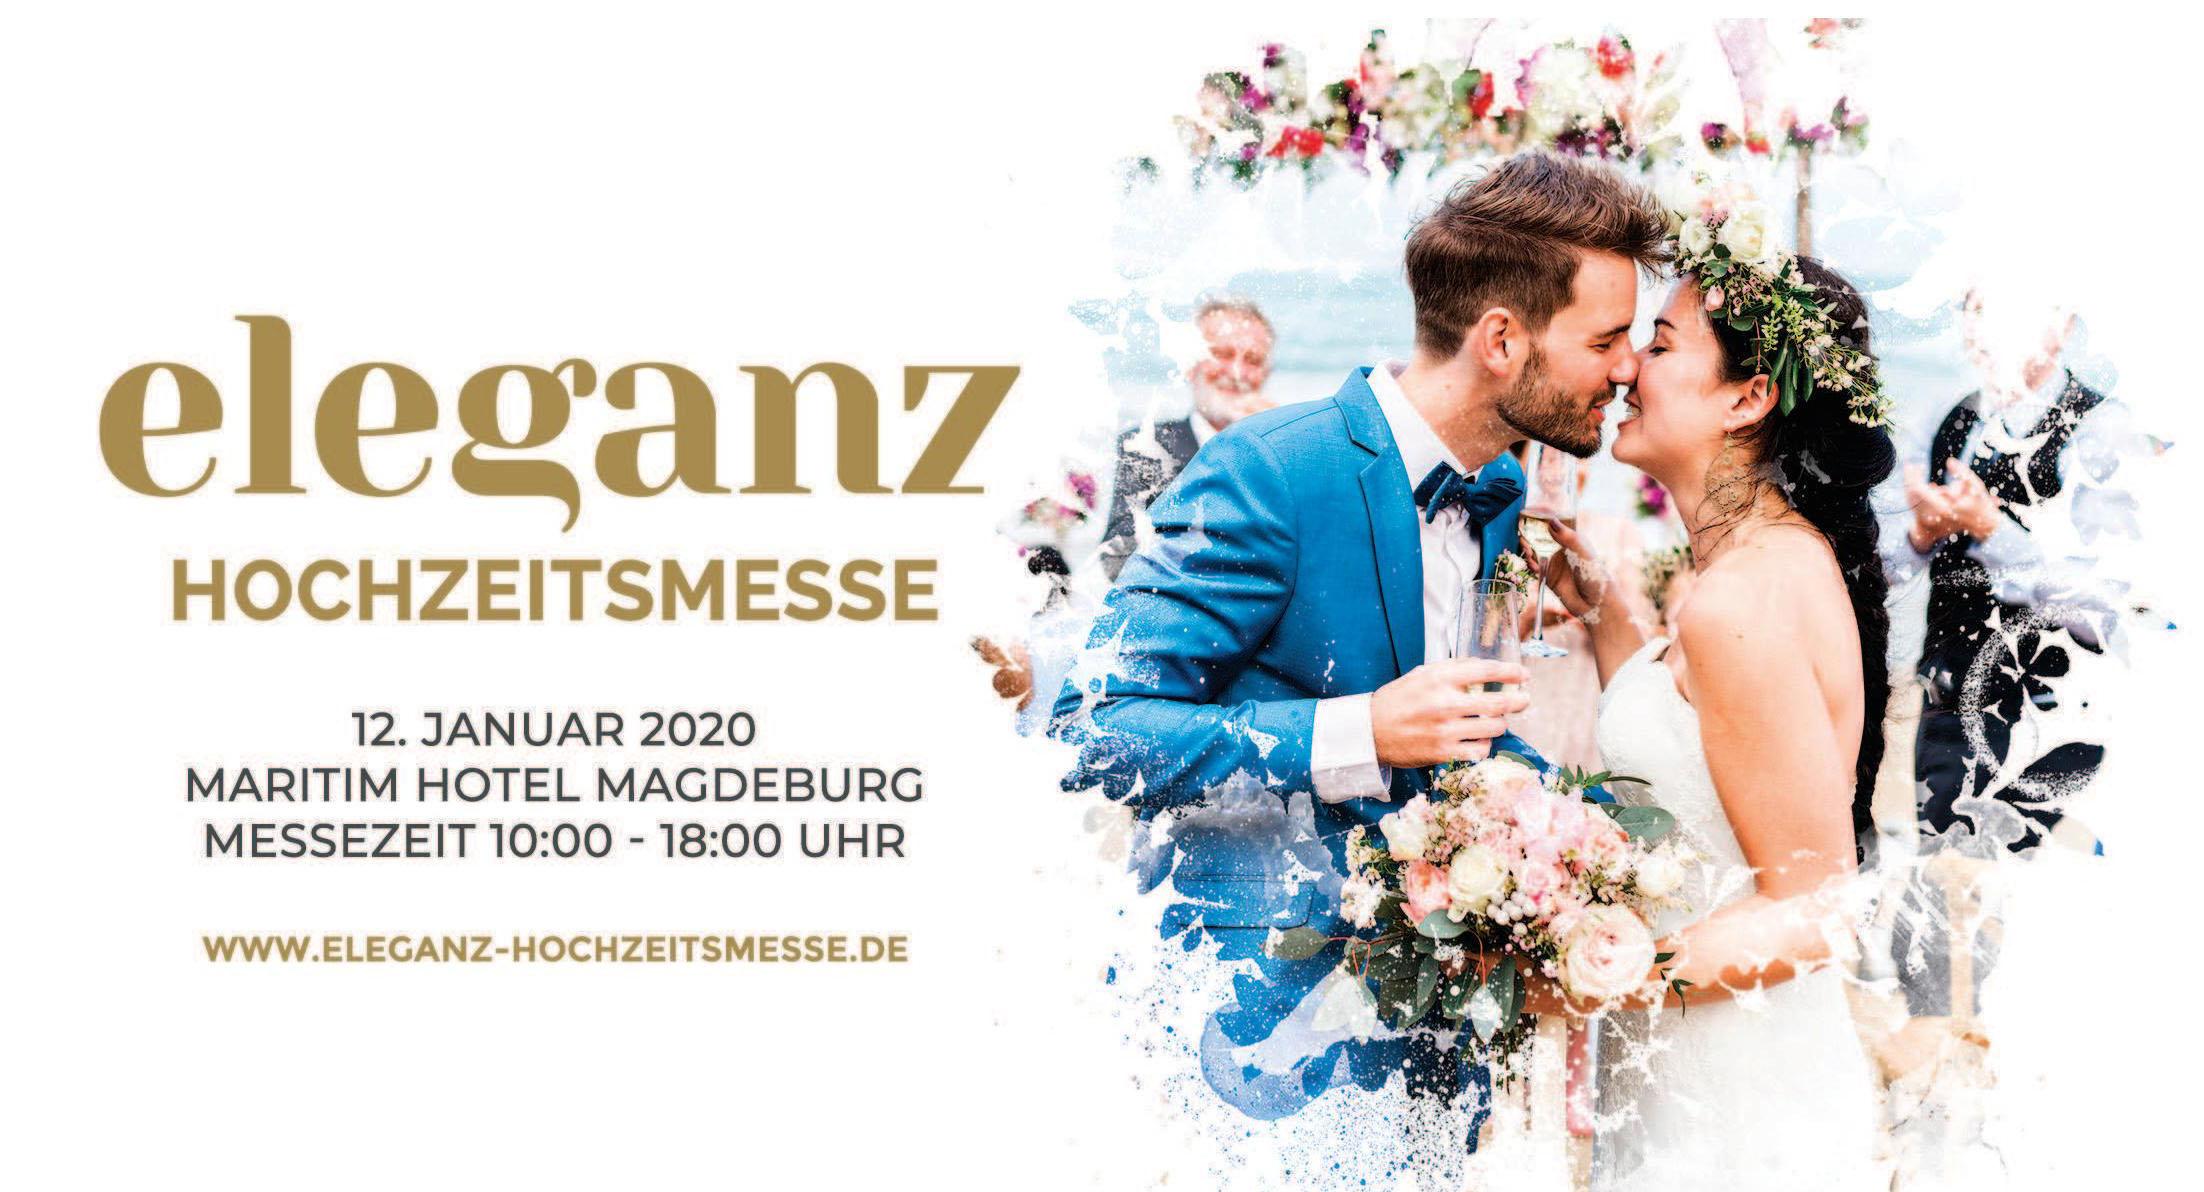 eleganz Hochzeitsmesse